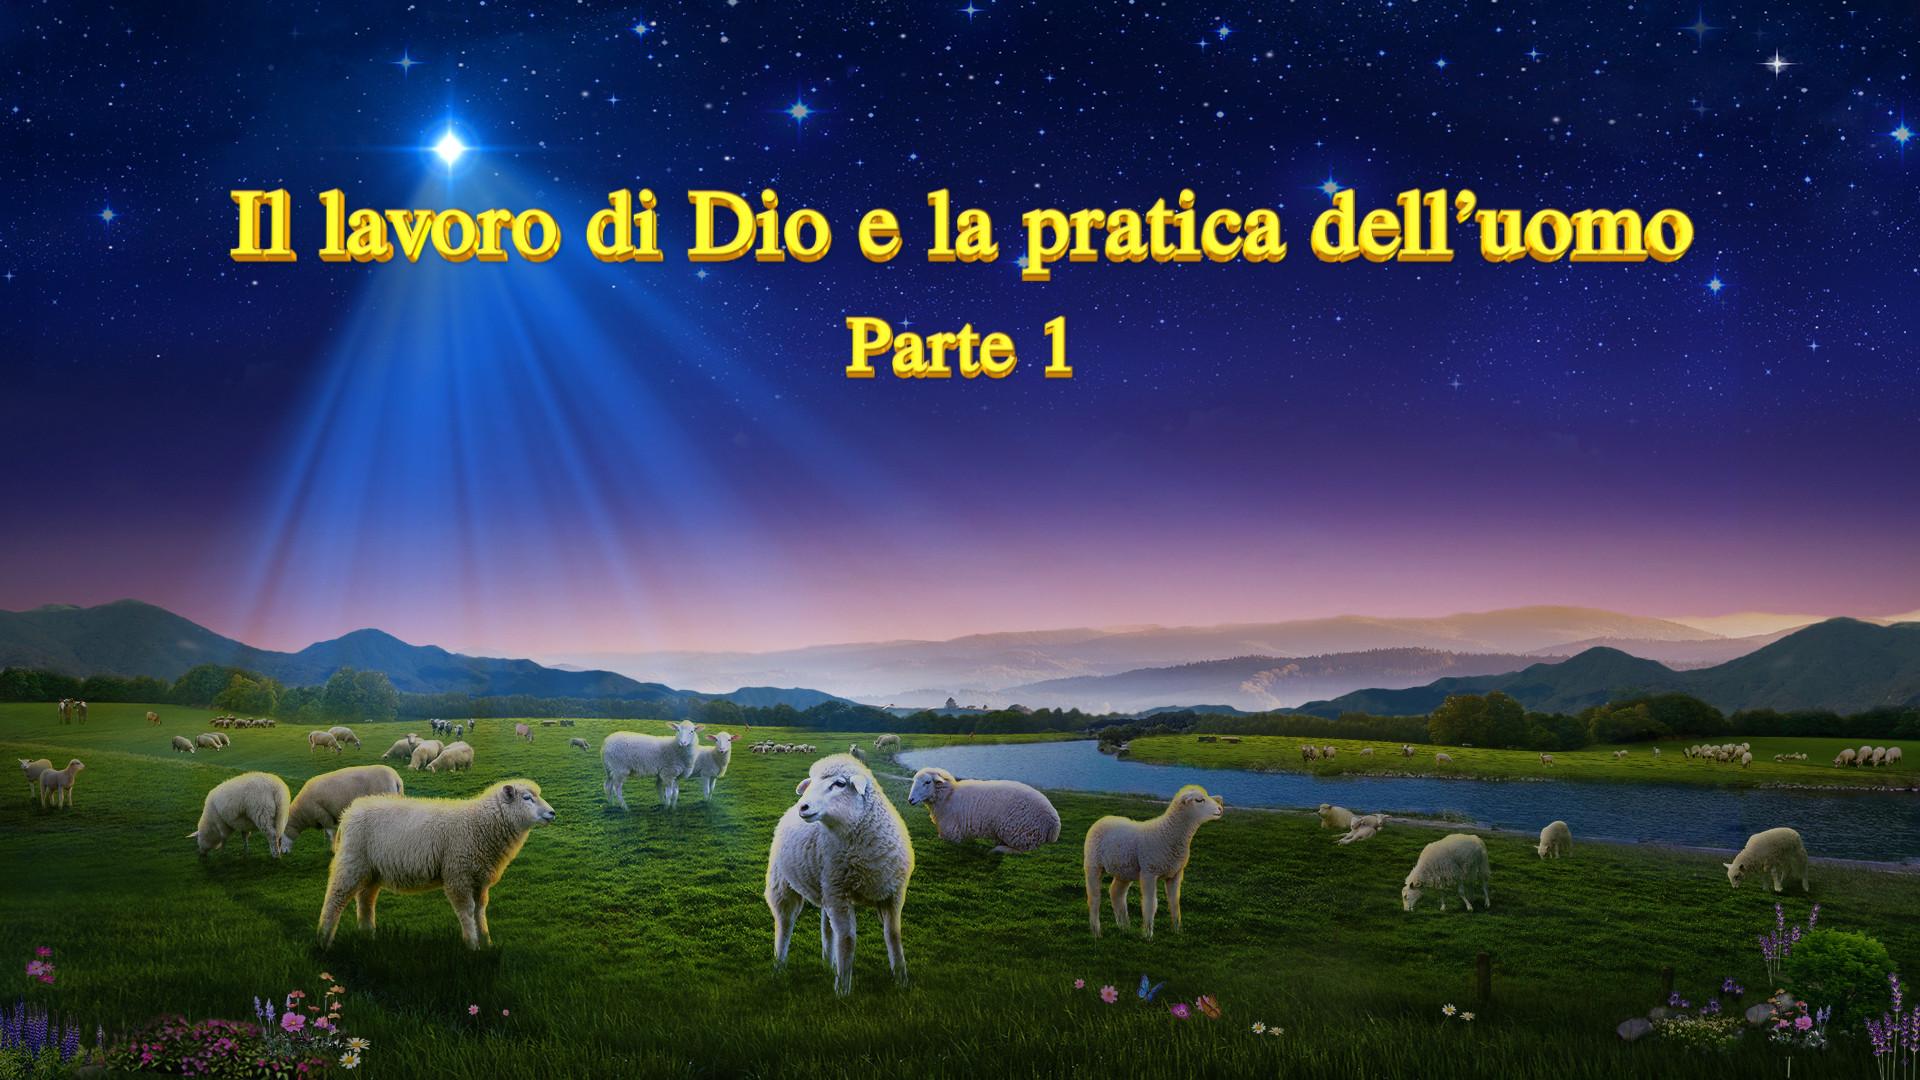 Il lavoro di Dio in mezzo agli uomini è inseparabile dall'uomo, poiché l'uomo è l'oggetto di tale lavoro ed il solo essere creato da Dio che possa renderGli testimonianza.